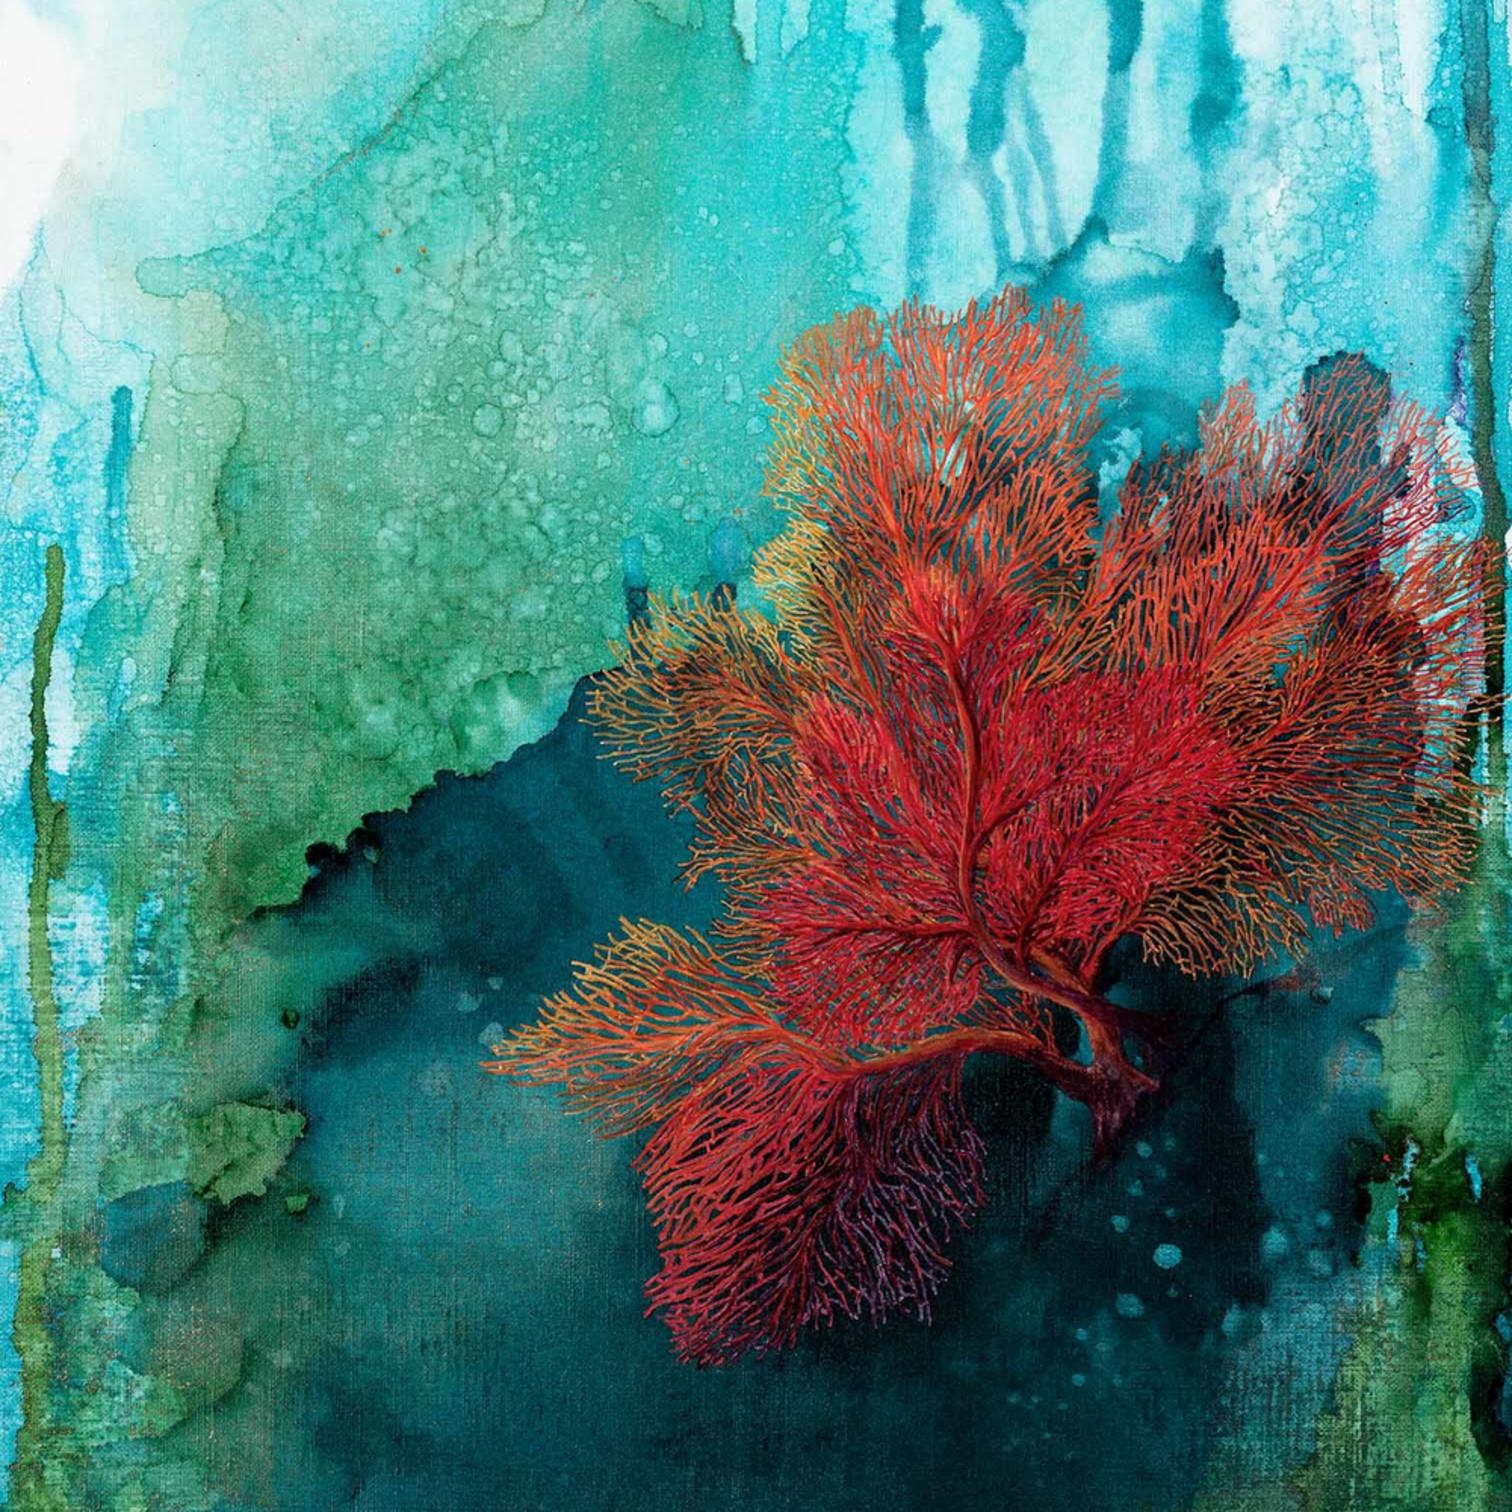 Donna maloney 005 red coral 2 2000px epibdb